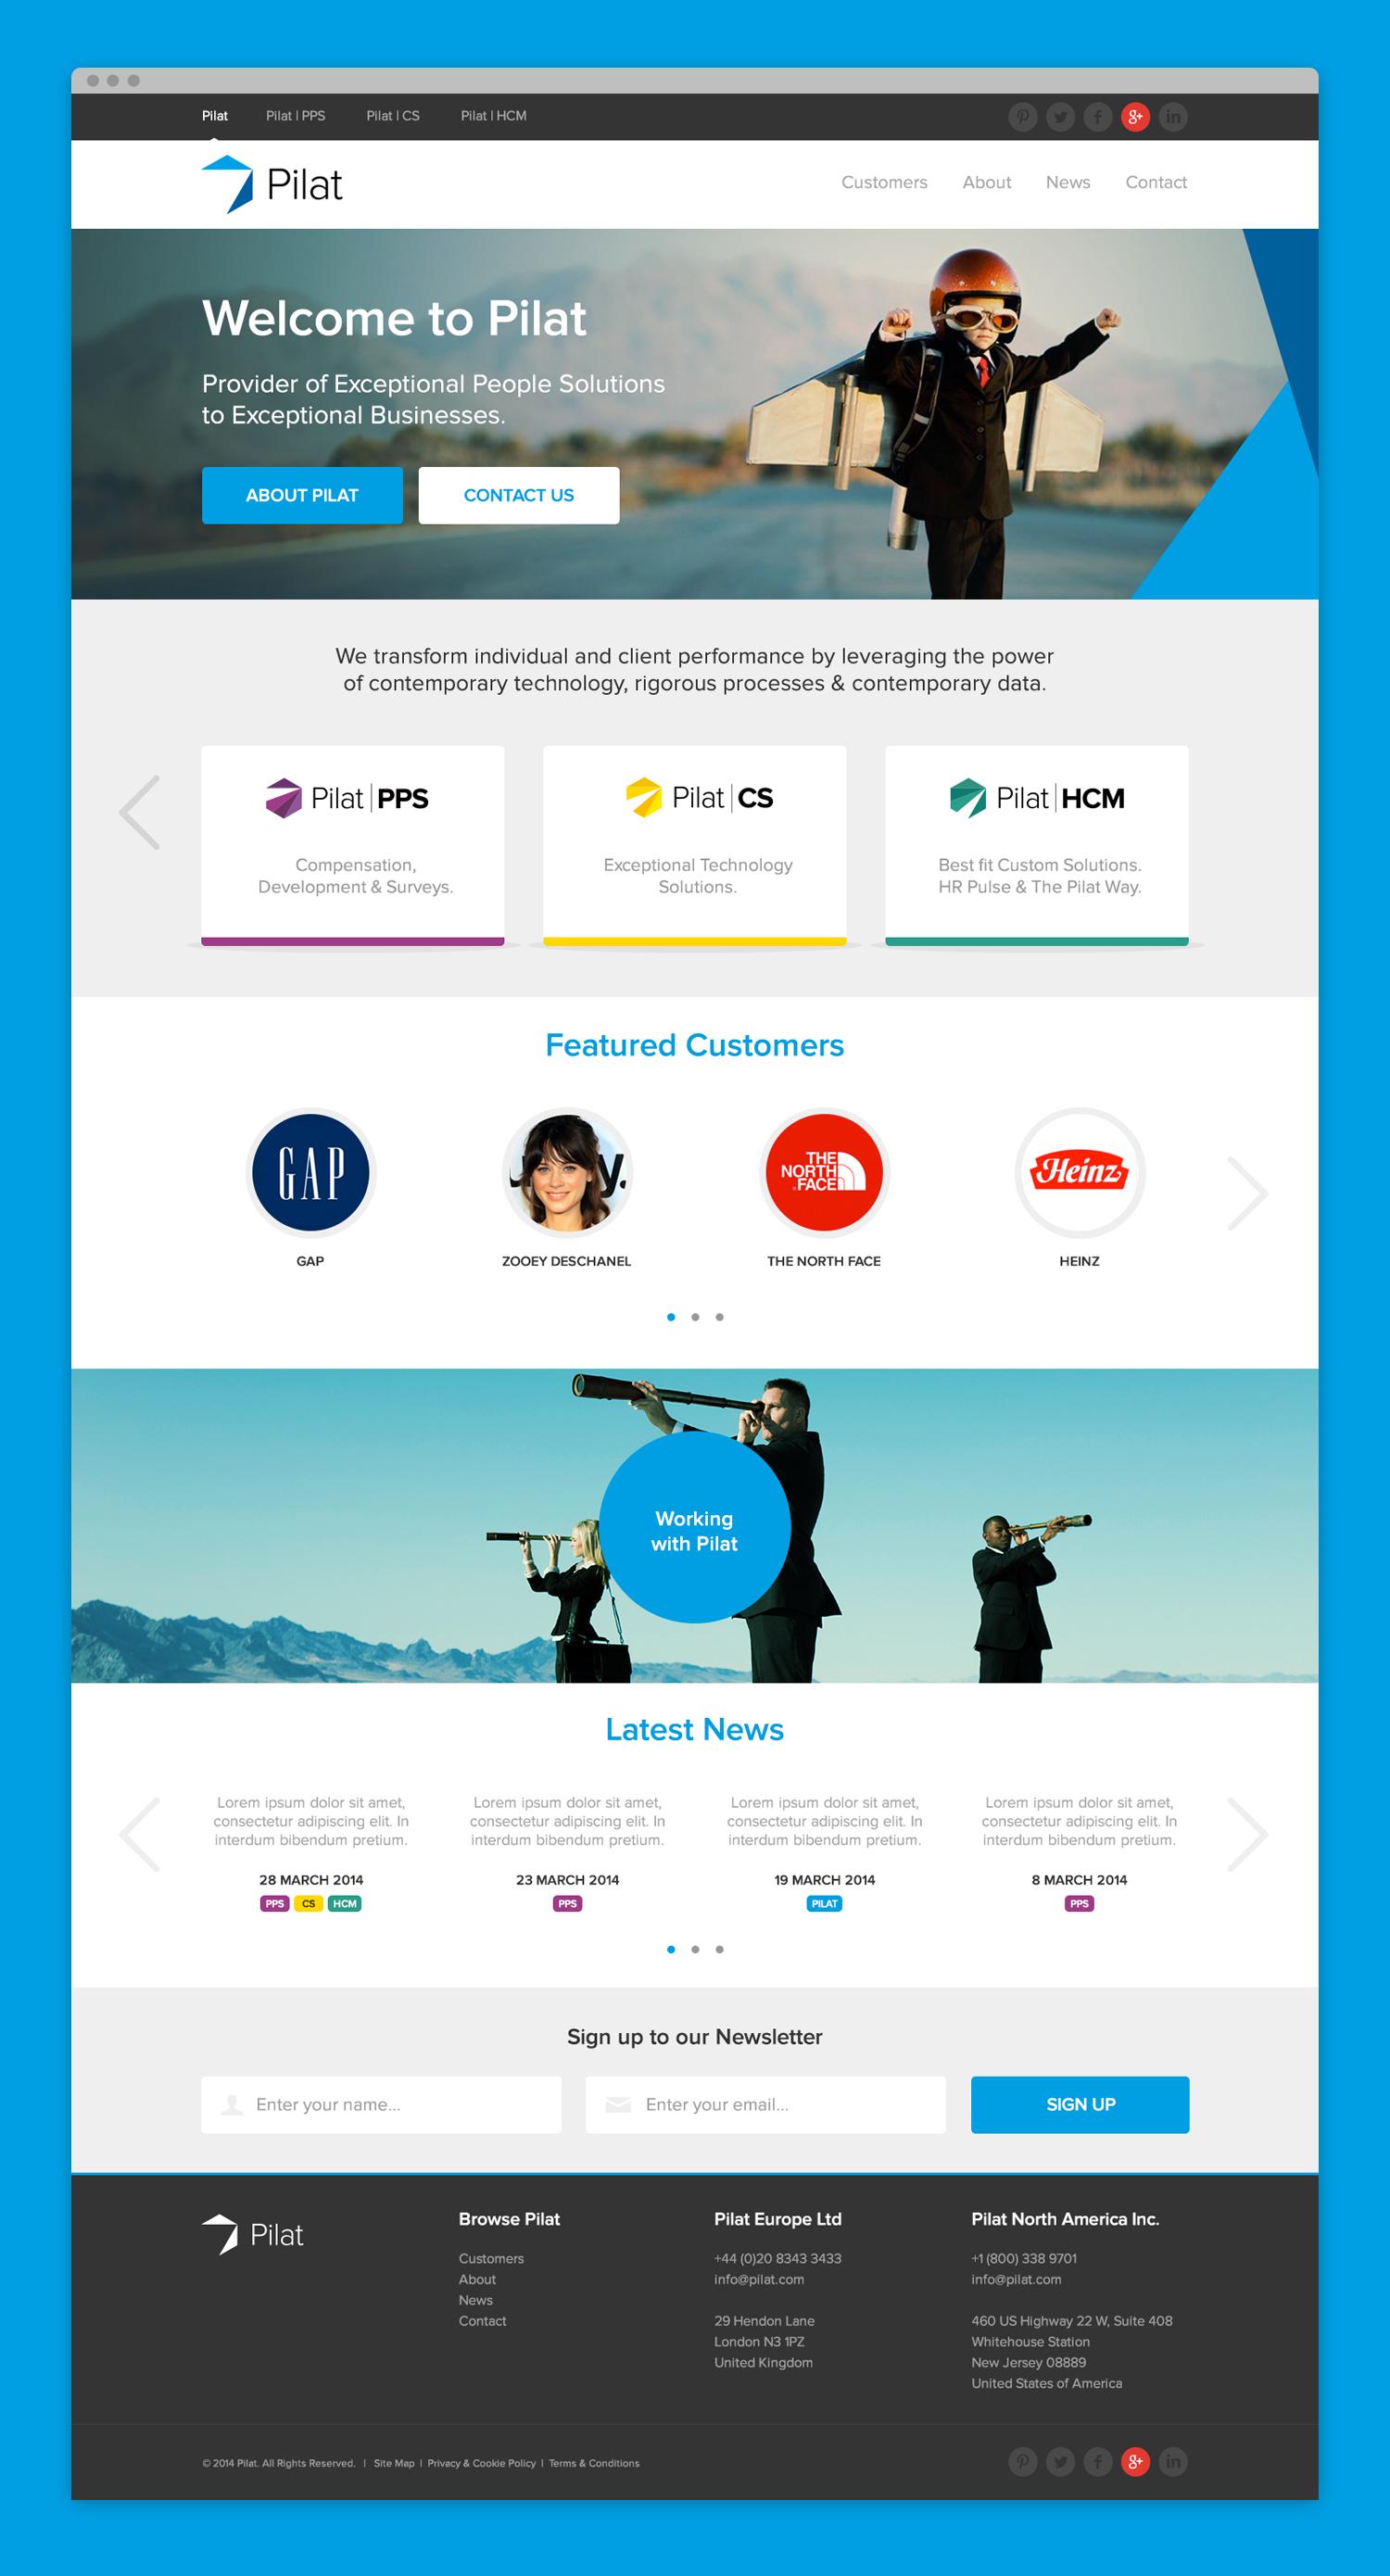 pilat-desktop-website